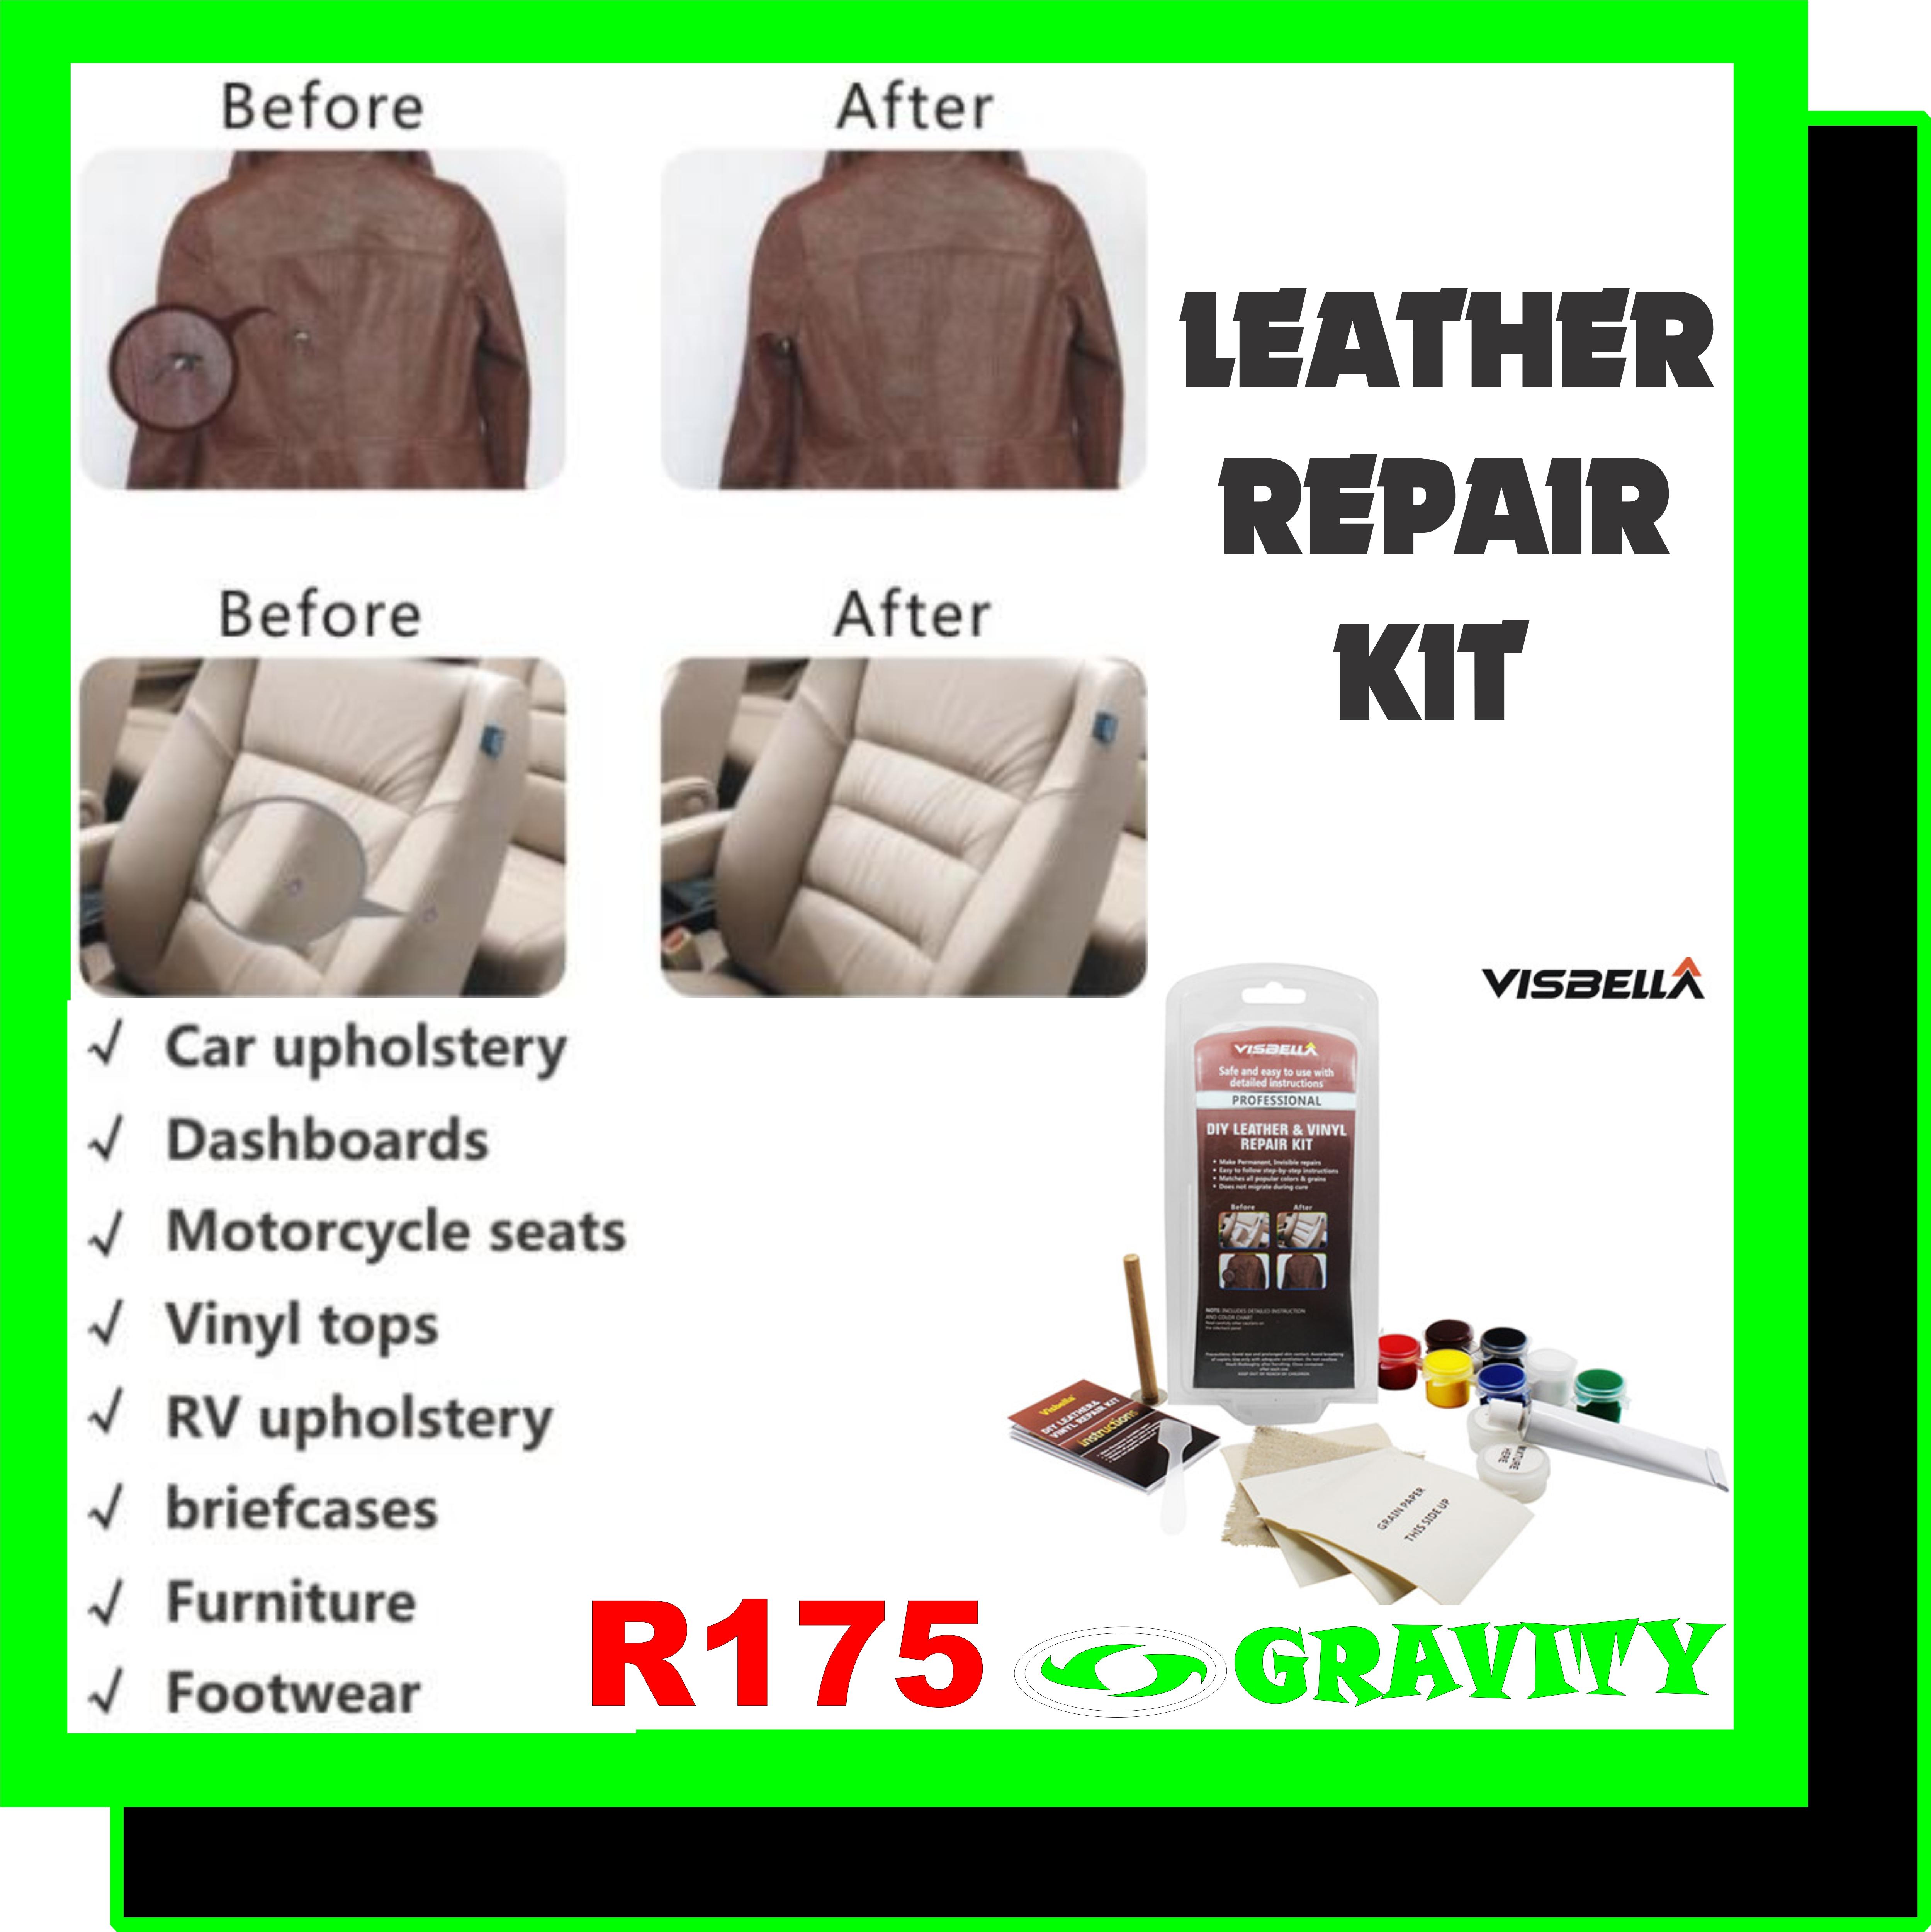 Diy leather repair DIY Wiki